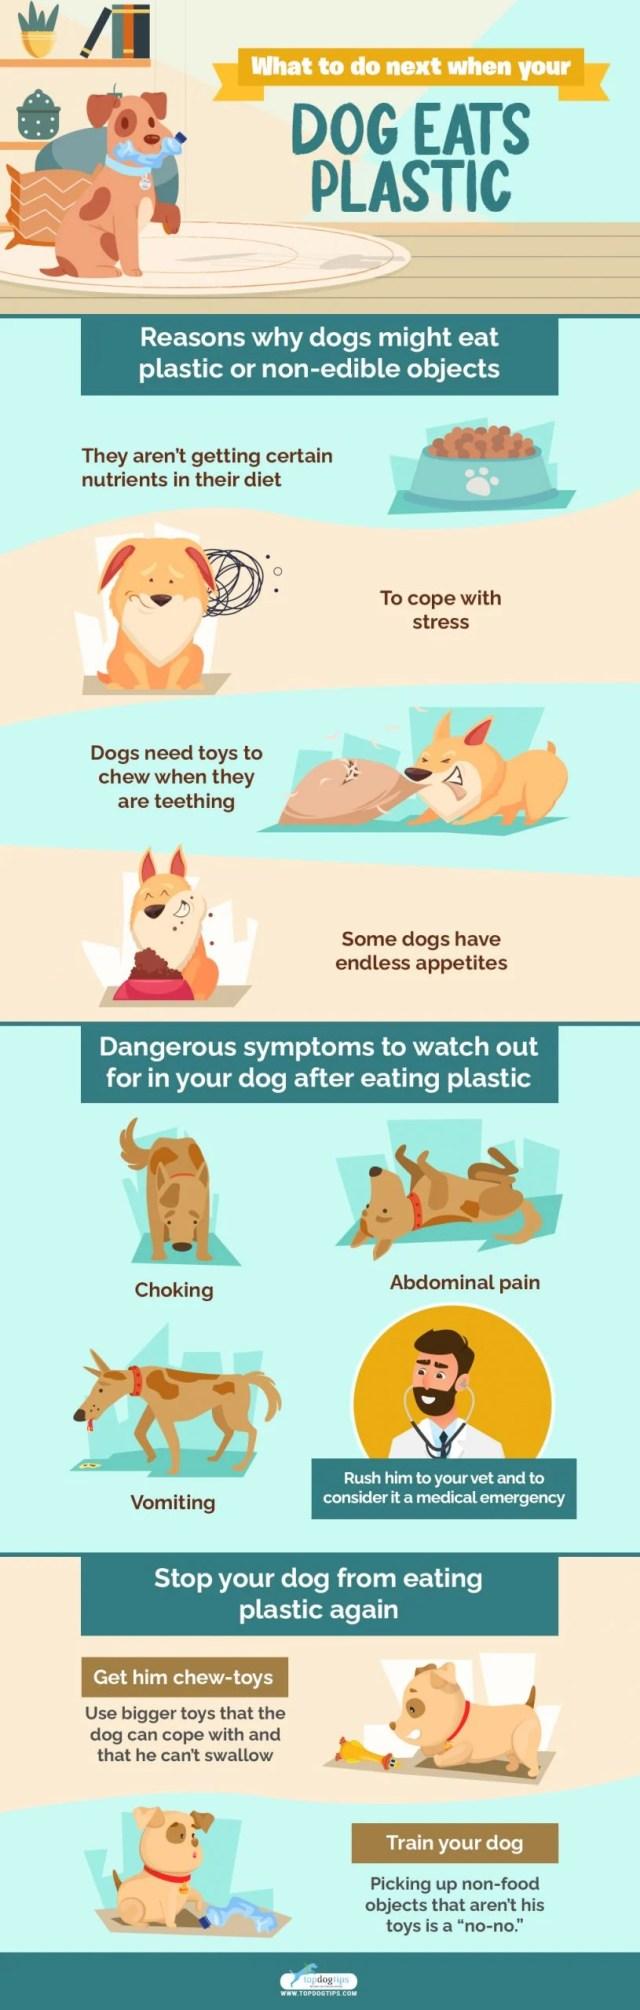 Dog Ate Plastic